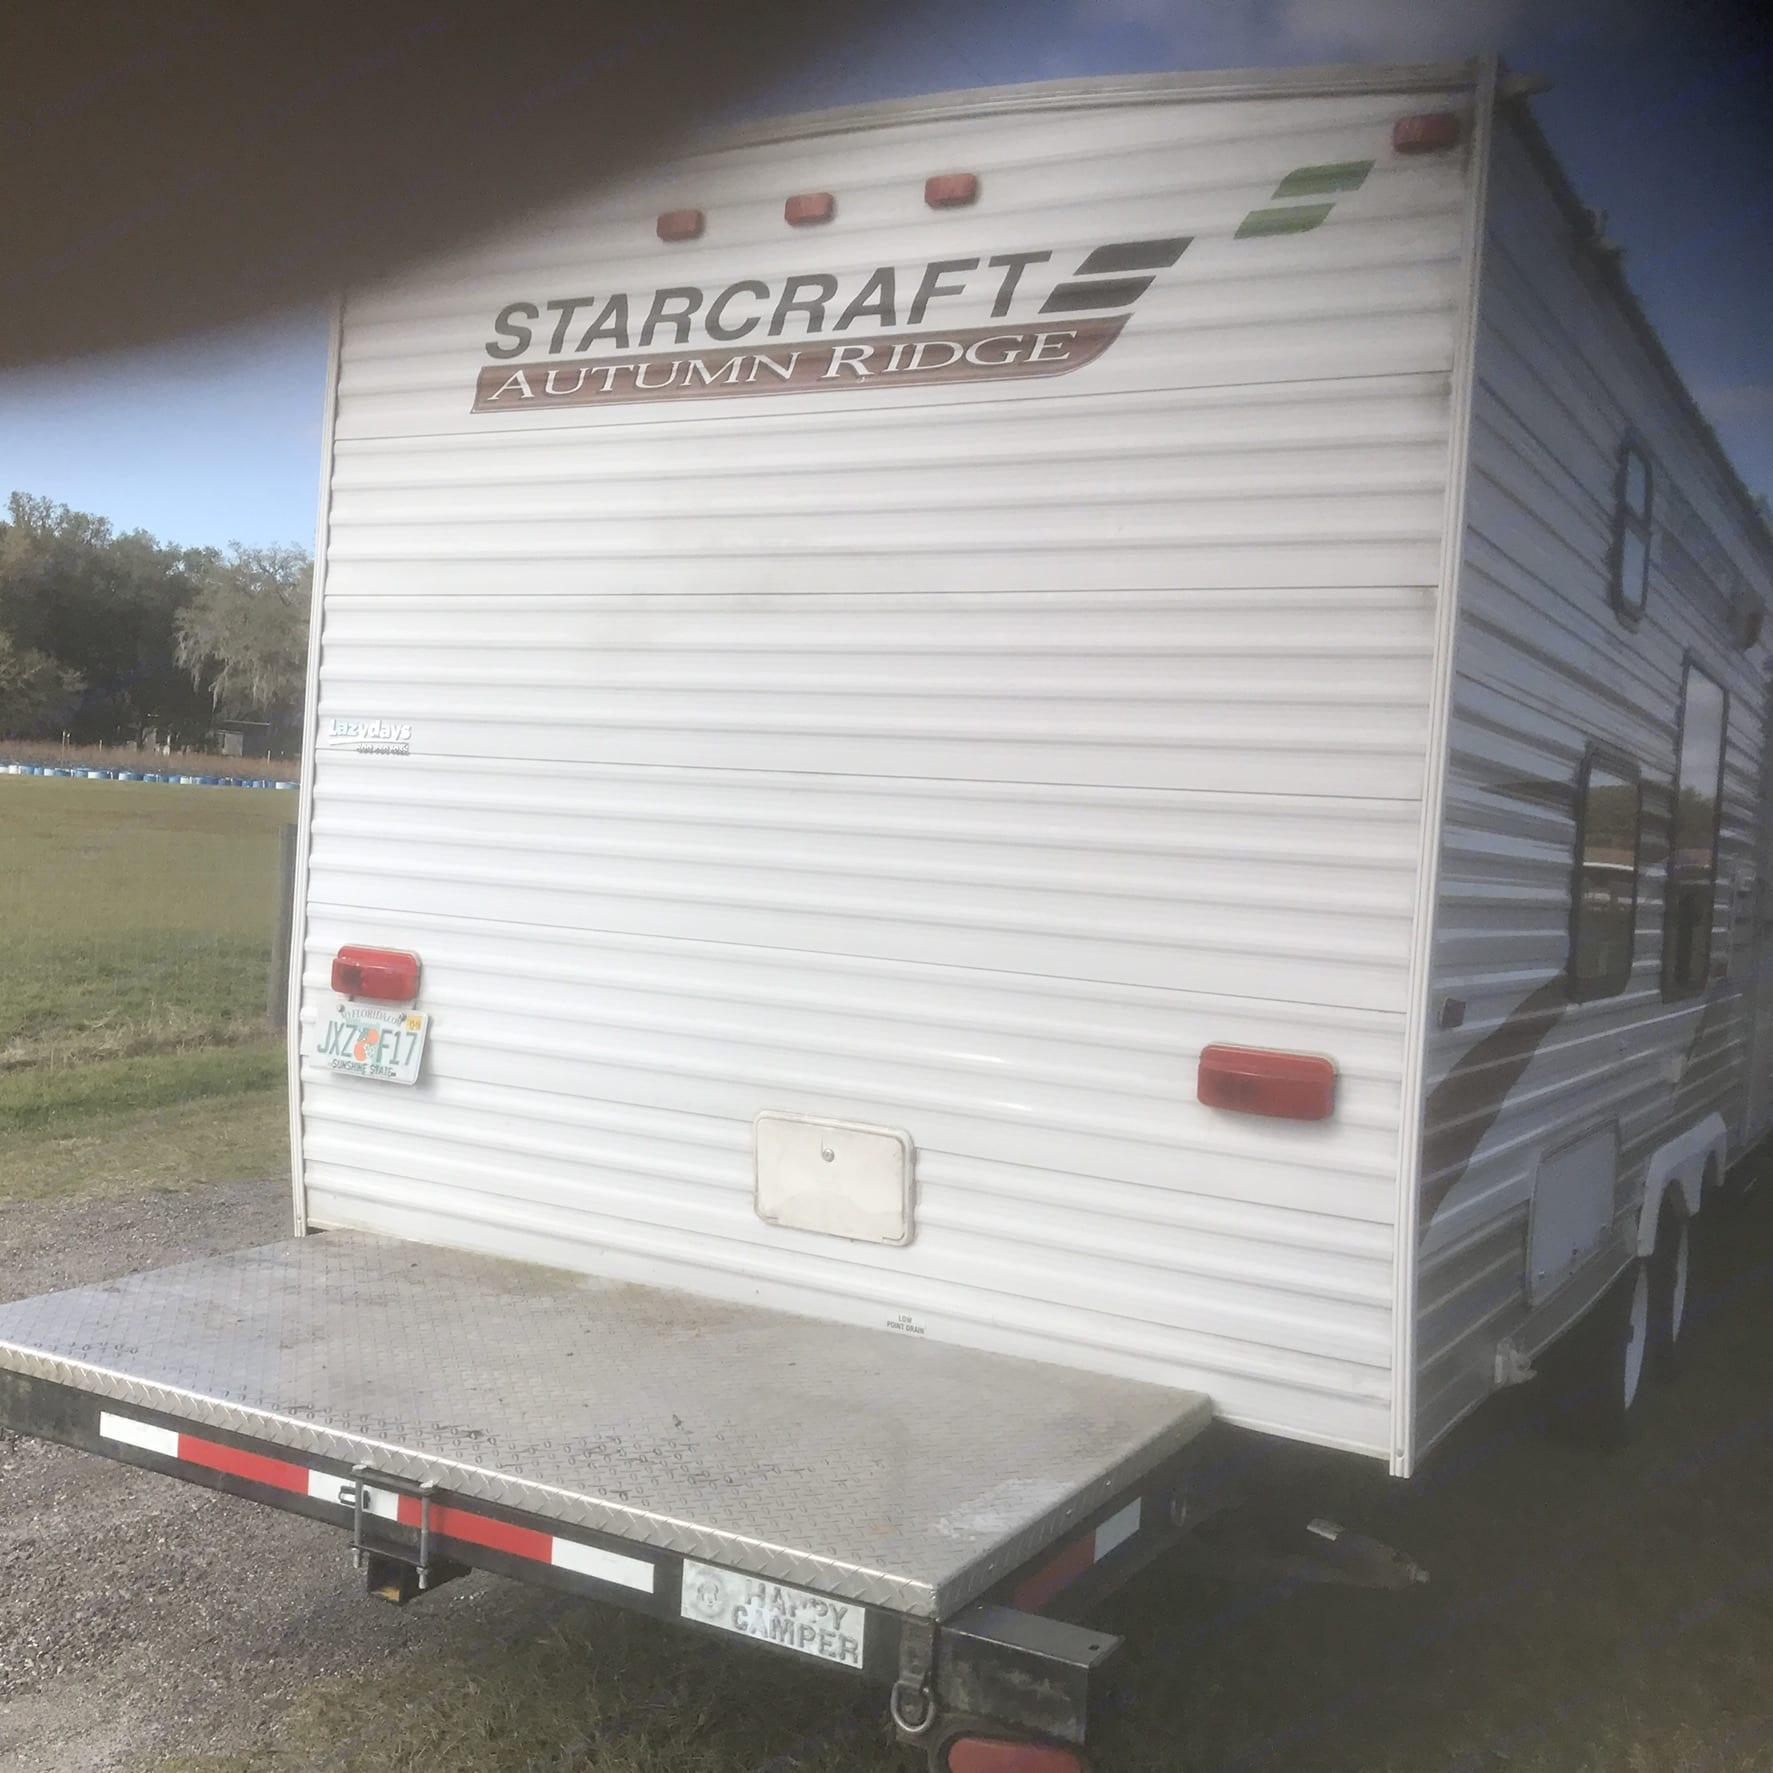 Starcraft Autumn Ridge 2010